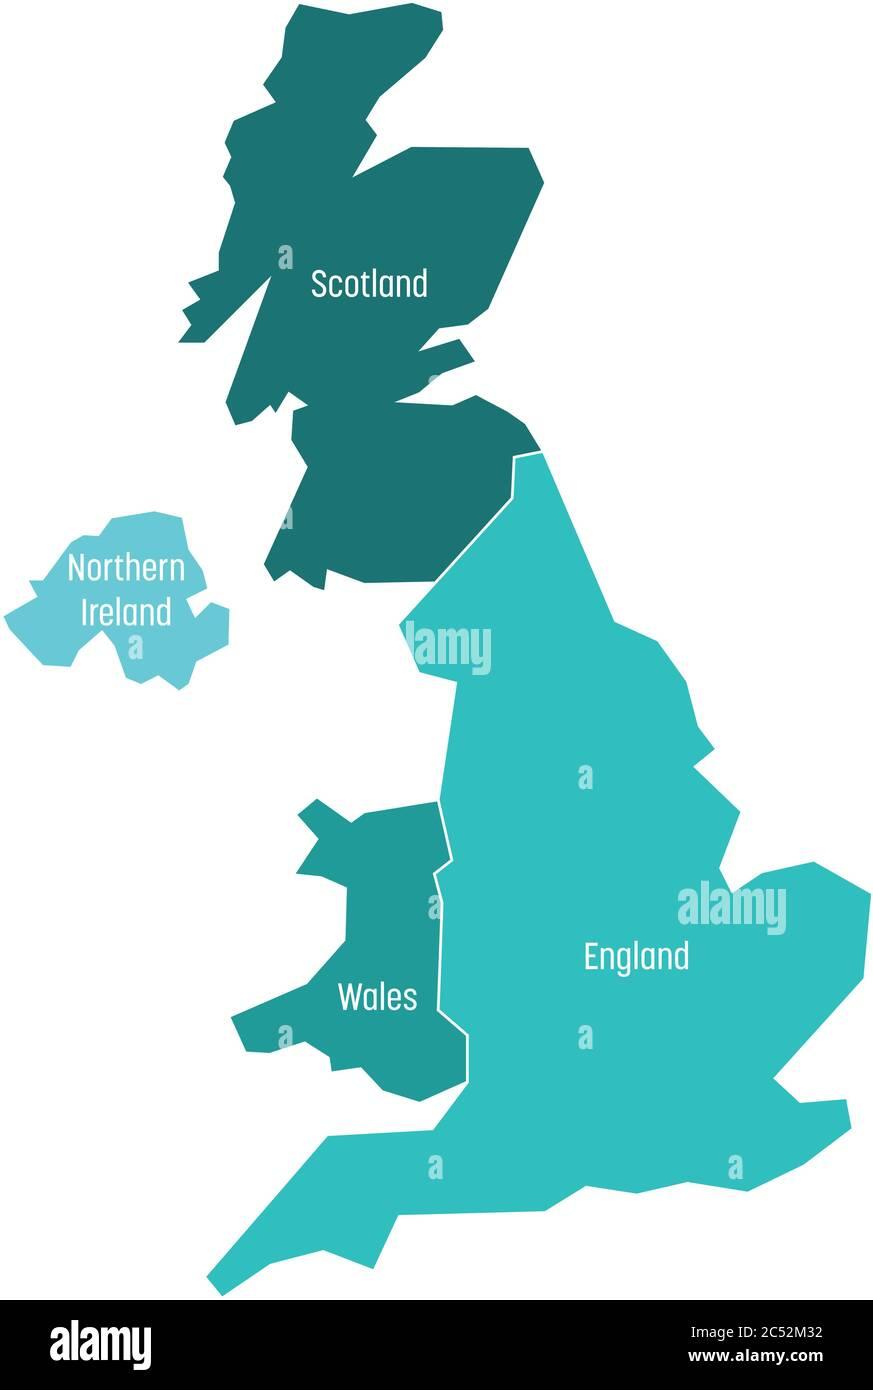 Escocia Mapa Reino Unido.Mapa Del Reino Unido Reino Unido Gran Bretana E Irlanda Del Norte Dividido En Cuatro Paises Inglaterra Gales Escocia Y Ni Ilustracion Simple De Vector Plano Imagen Vector De Stock Alamy